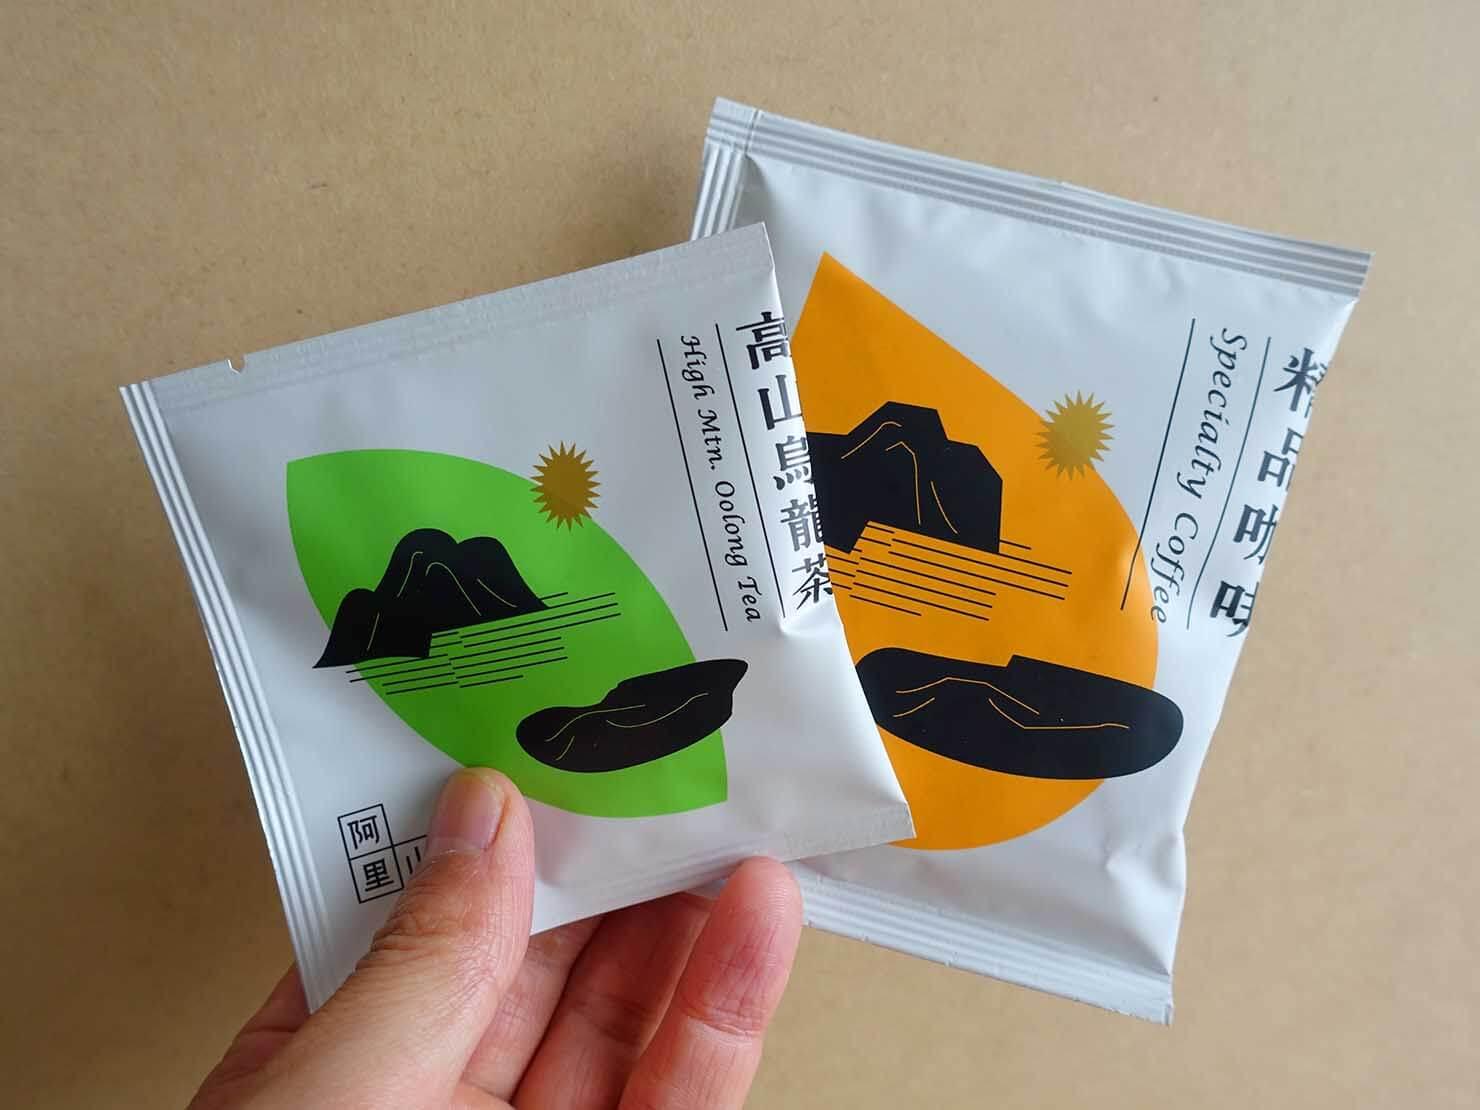 台北・永康街のおすすめおみやげショップ「來好 LAIHAO」で買った精品咖啡&高山烏龍茶パック